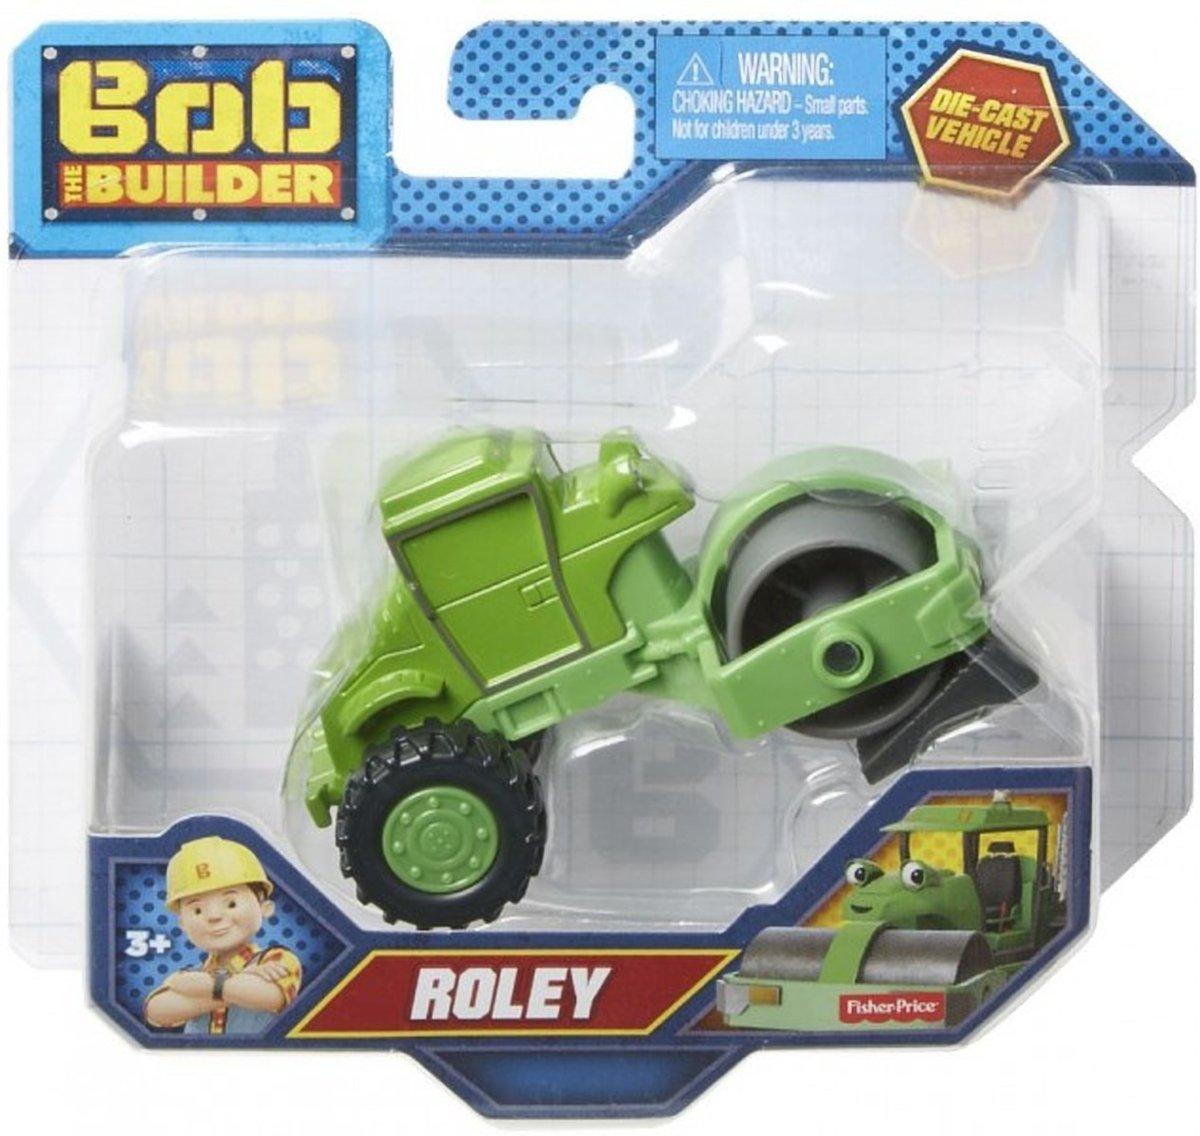 Bob De Bouwer Die-Cast Vehicle Roley